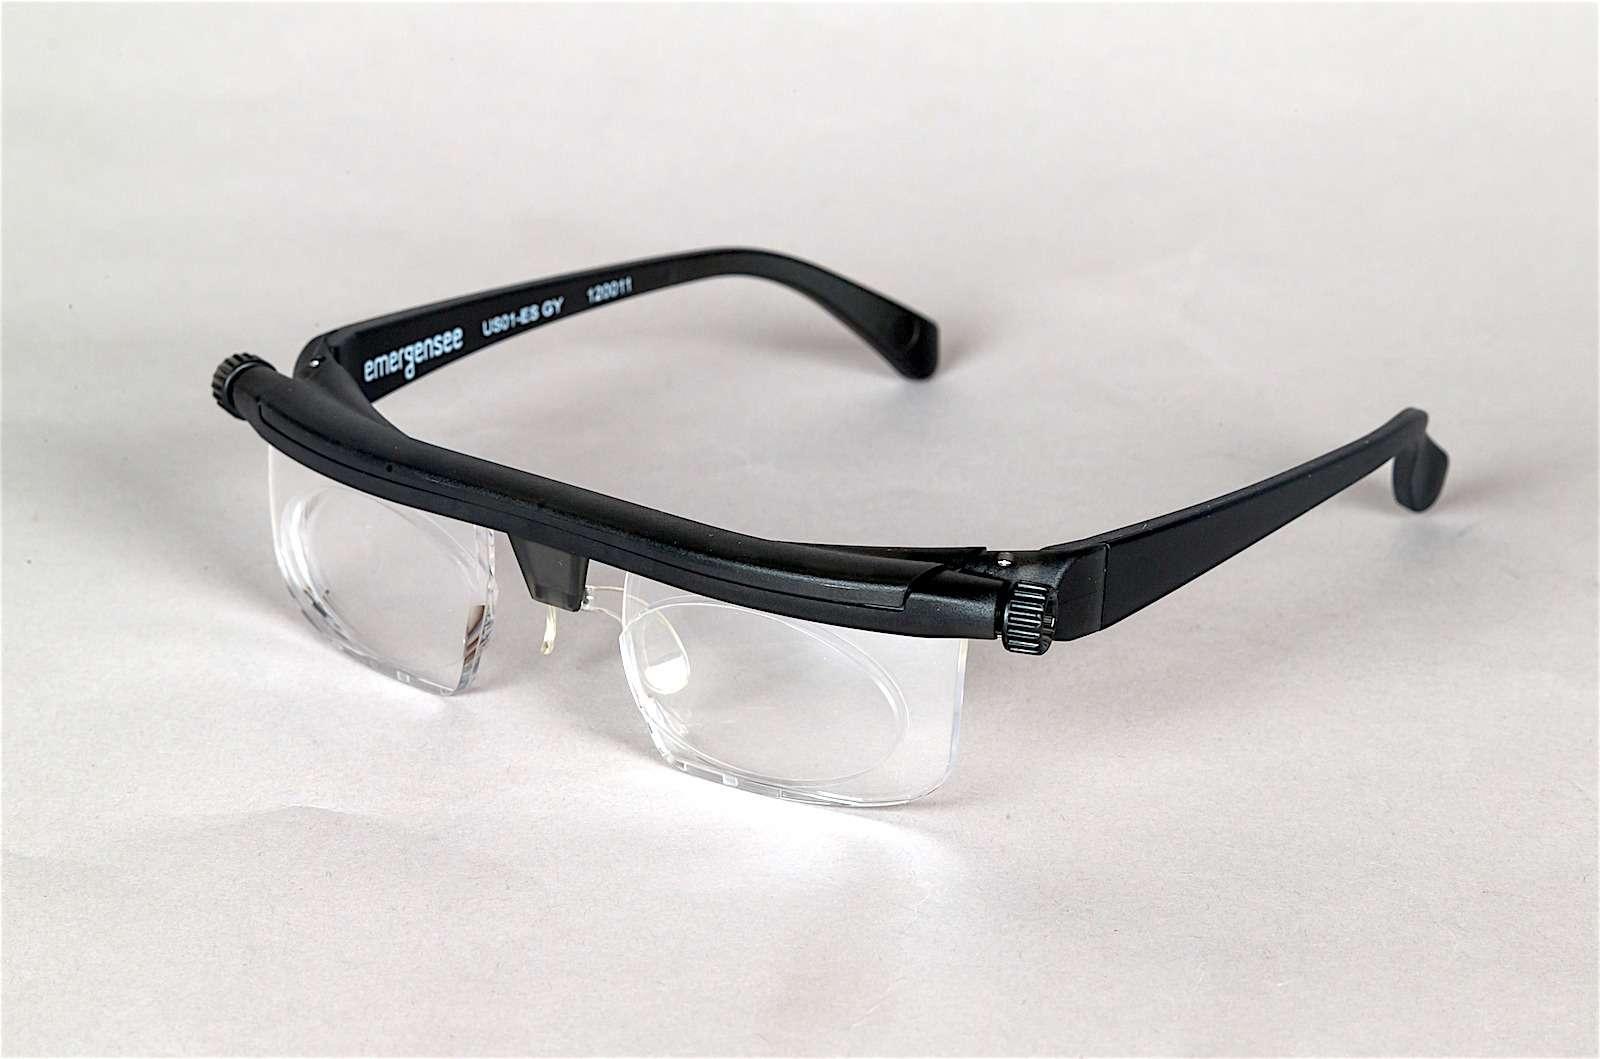 Регулируемые очки Adlens Emergensee: игрушка или полезная вещица дляводителей?— фото 586445